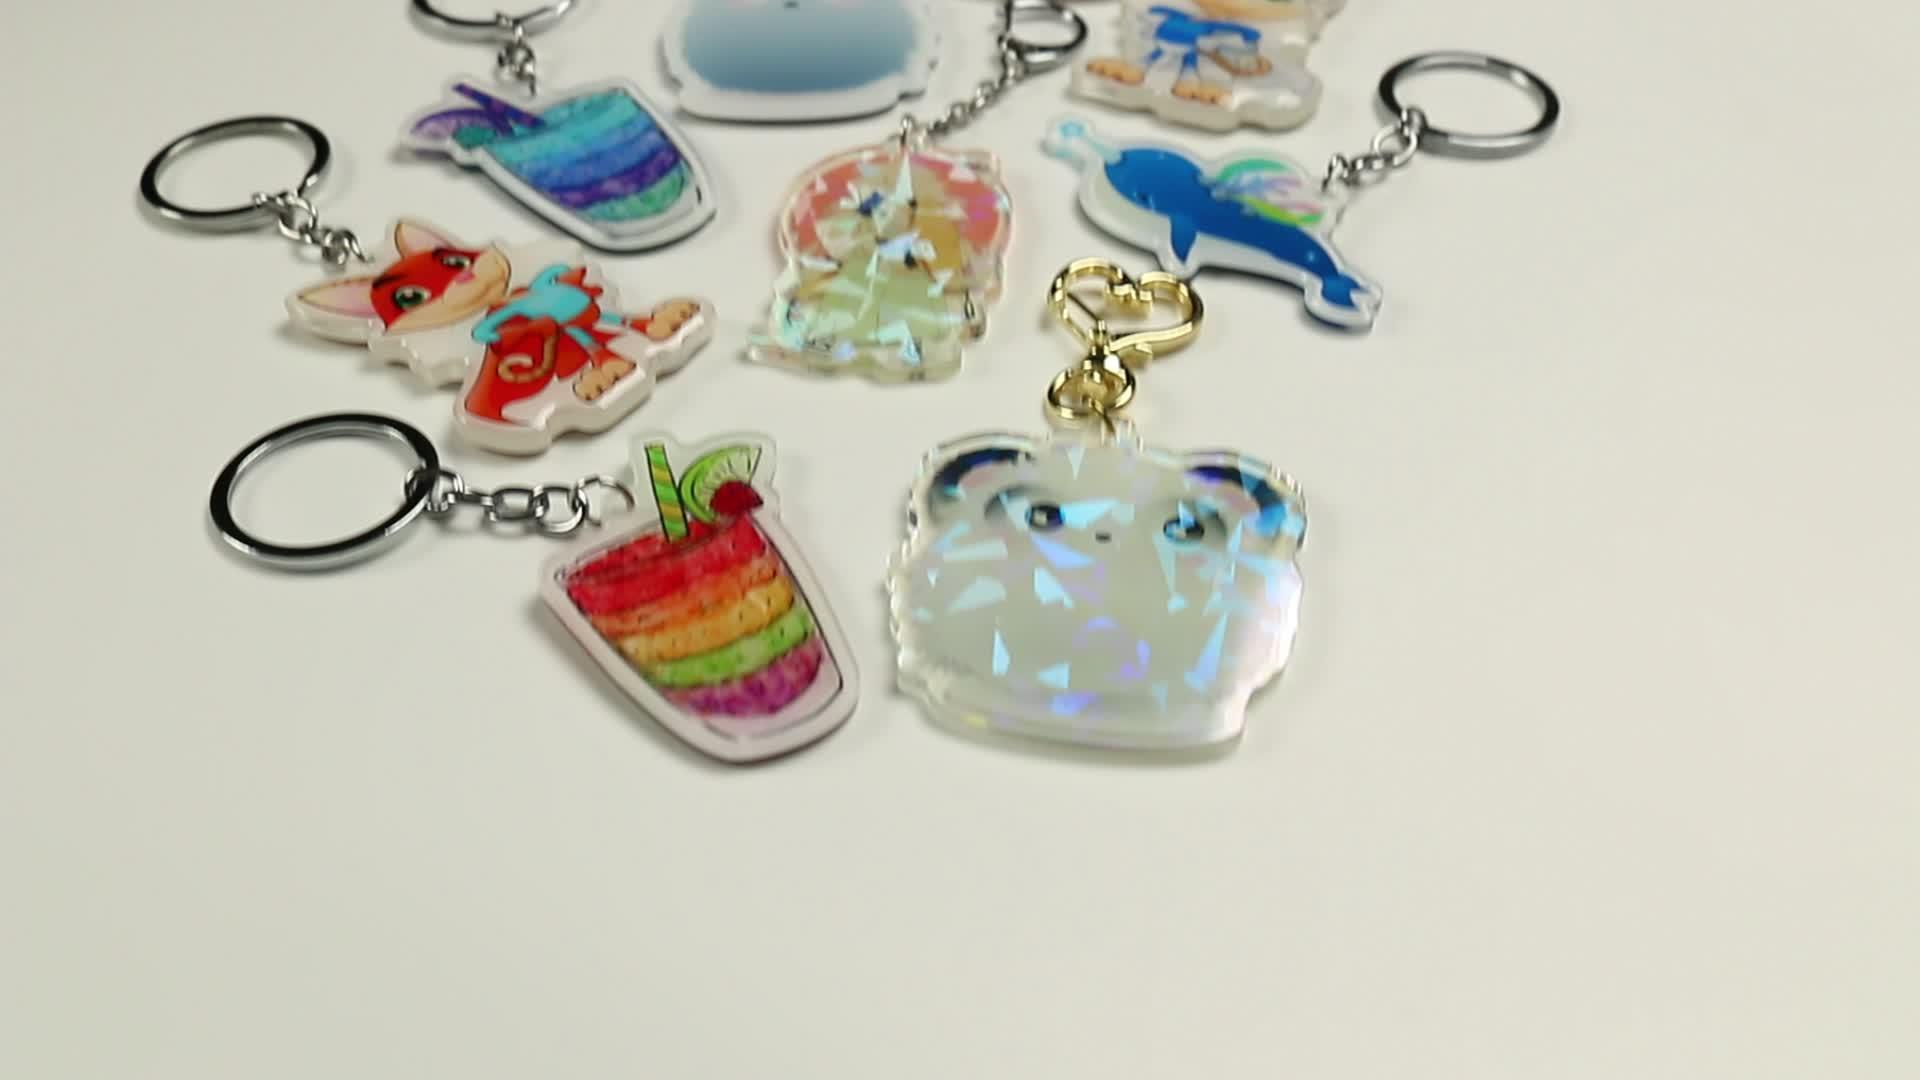 Bomaijie Plástico Personalizado Holográfica de Alta Qualidade Encantos de Acrílico Impressas Personalizadas Holograma Transparente Chaveiro Com Anime